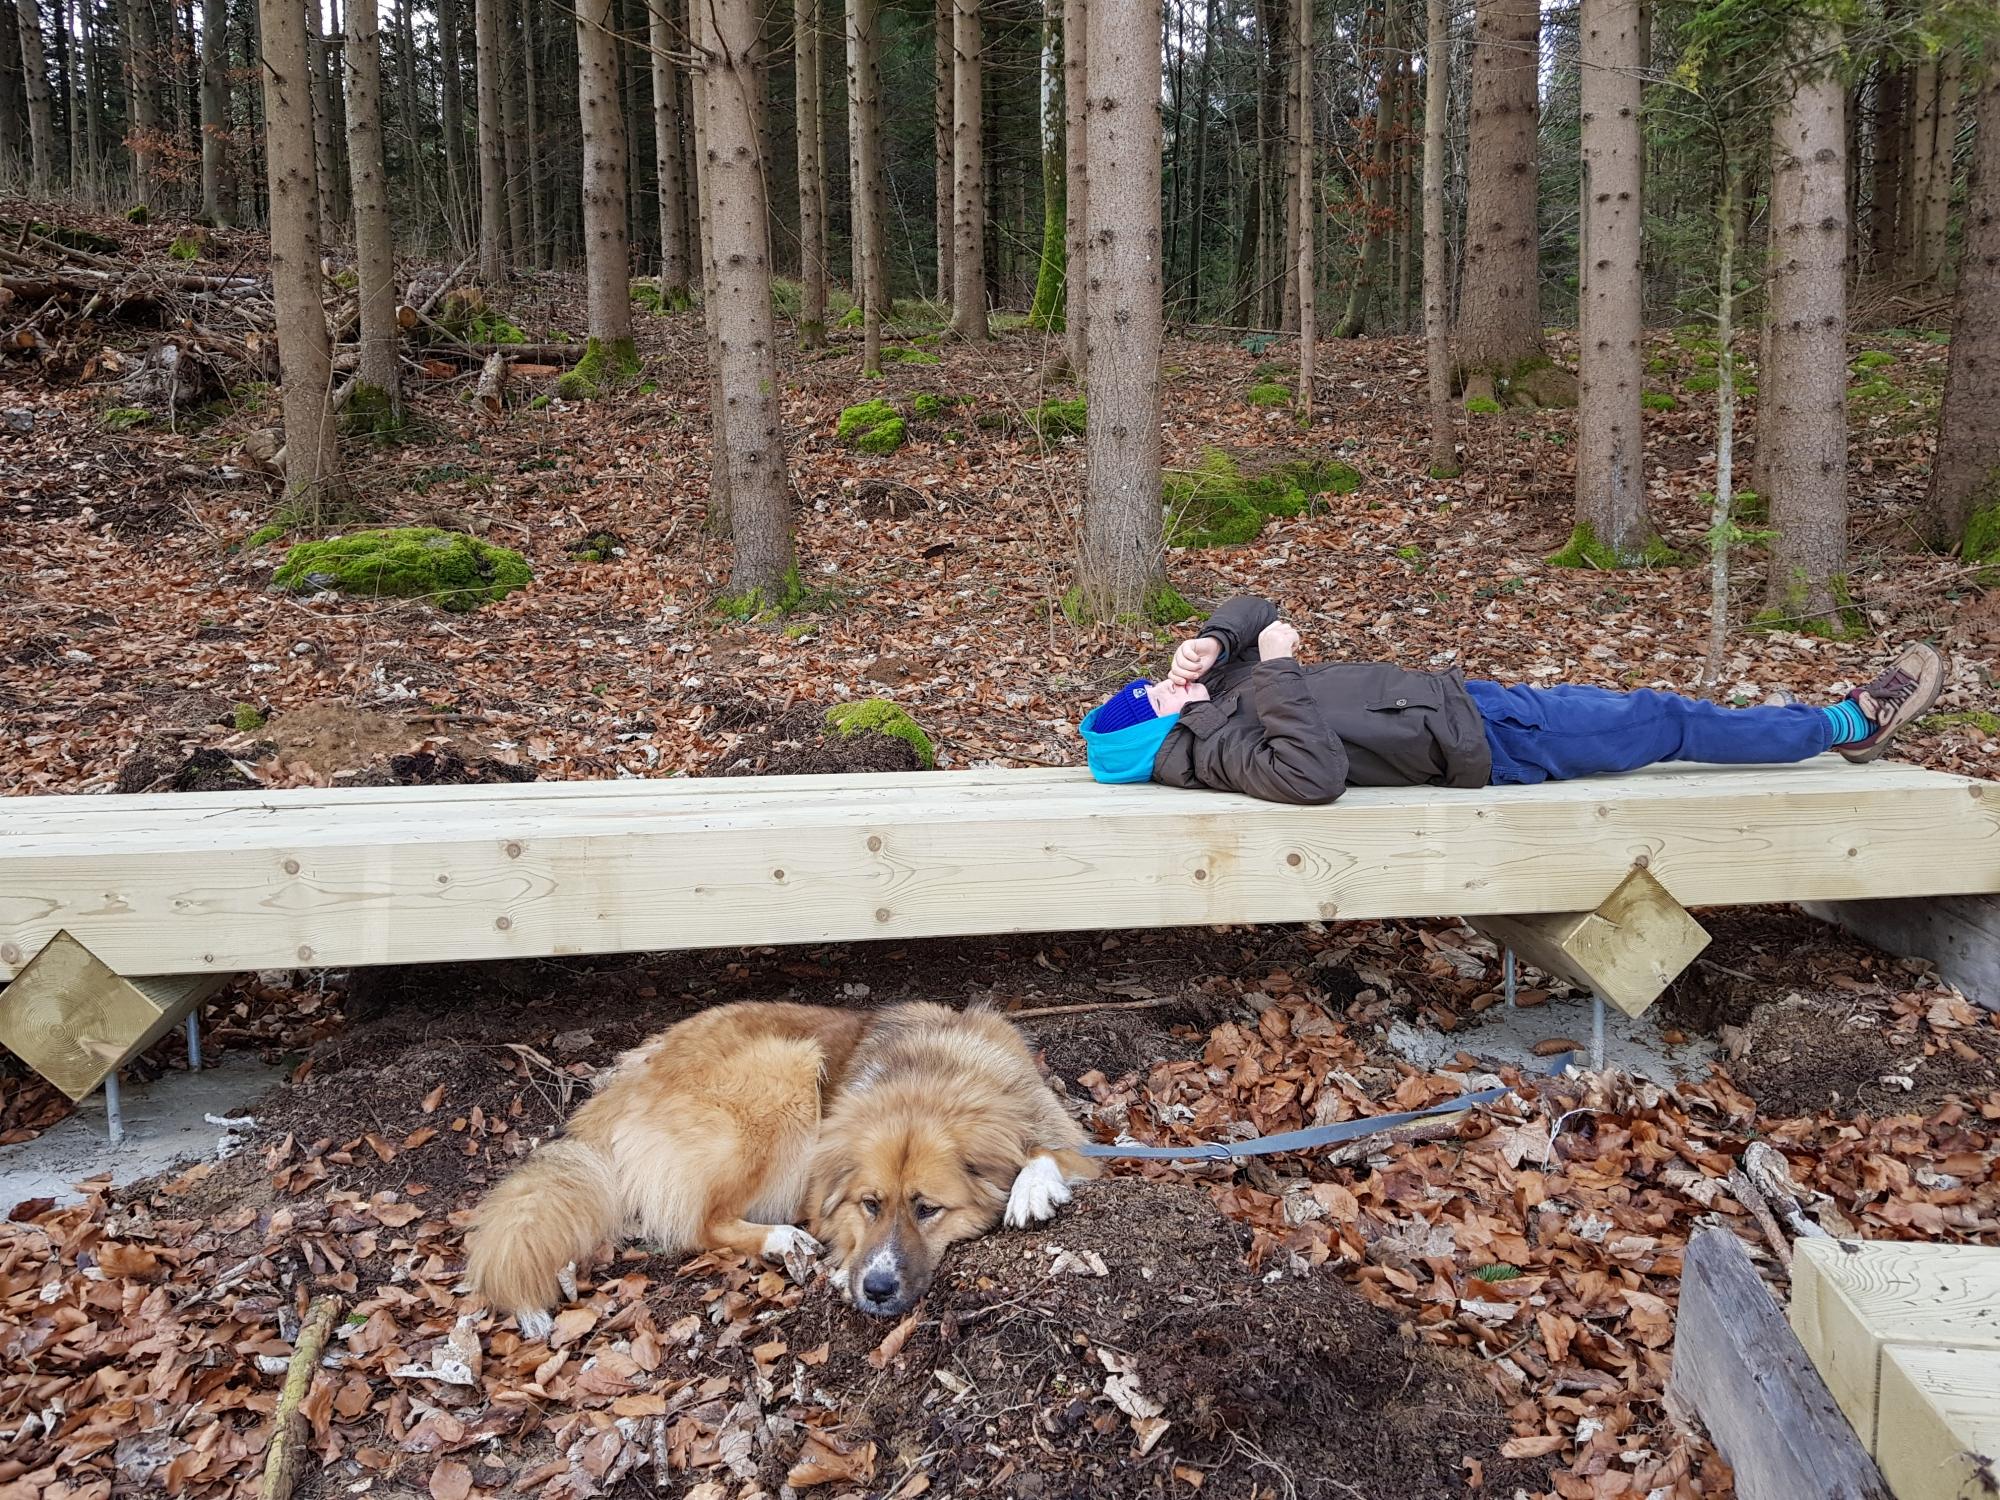 Prijeten počitek pod krošnjami na poti Drvošec